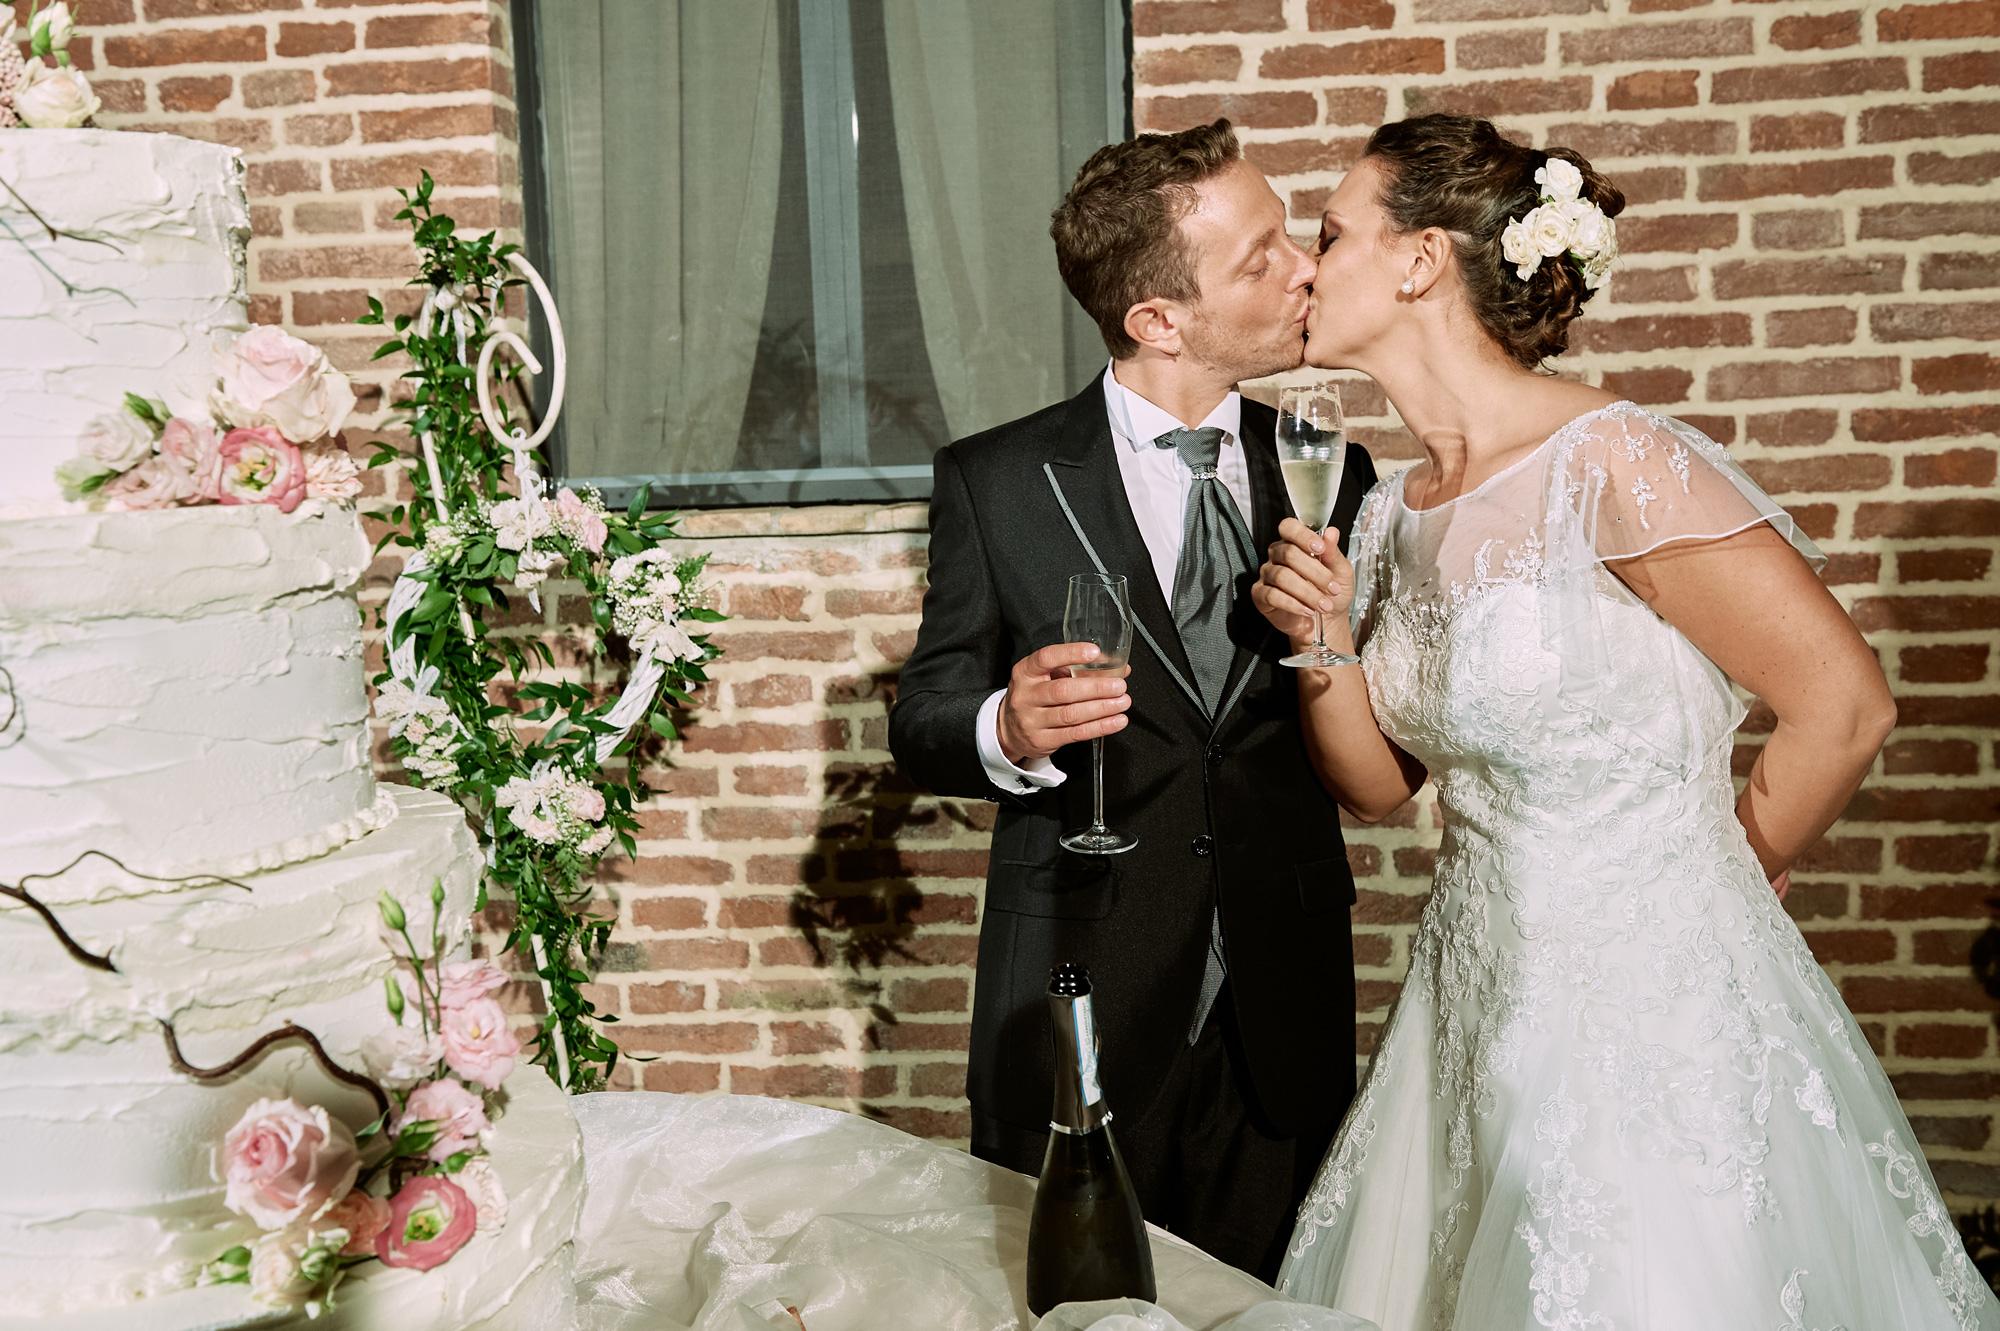 27-ivano_di_maria_fotografo_matrimonio_ aless_aless